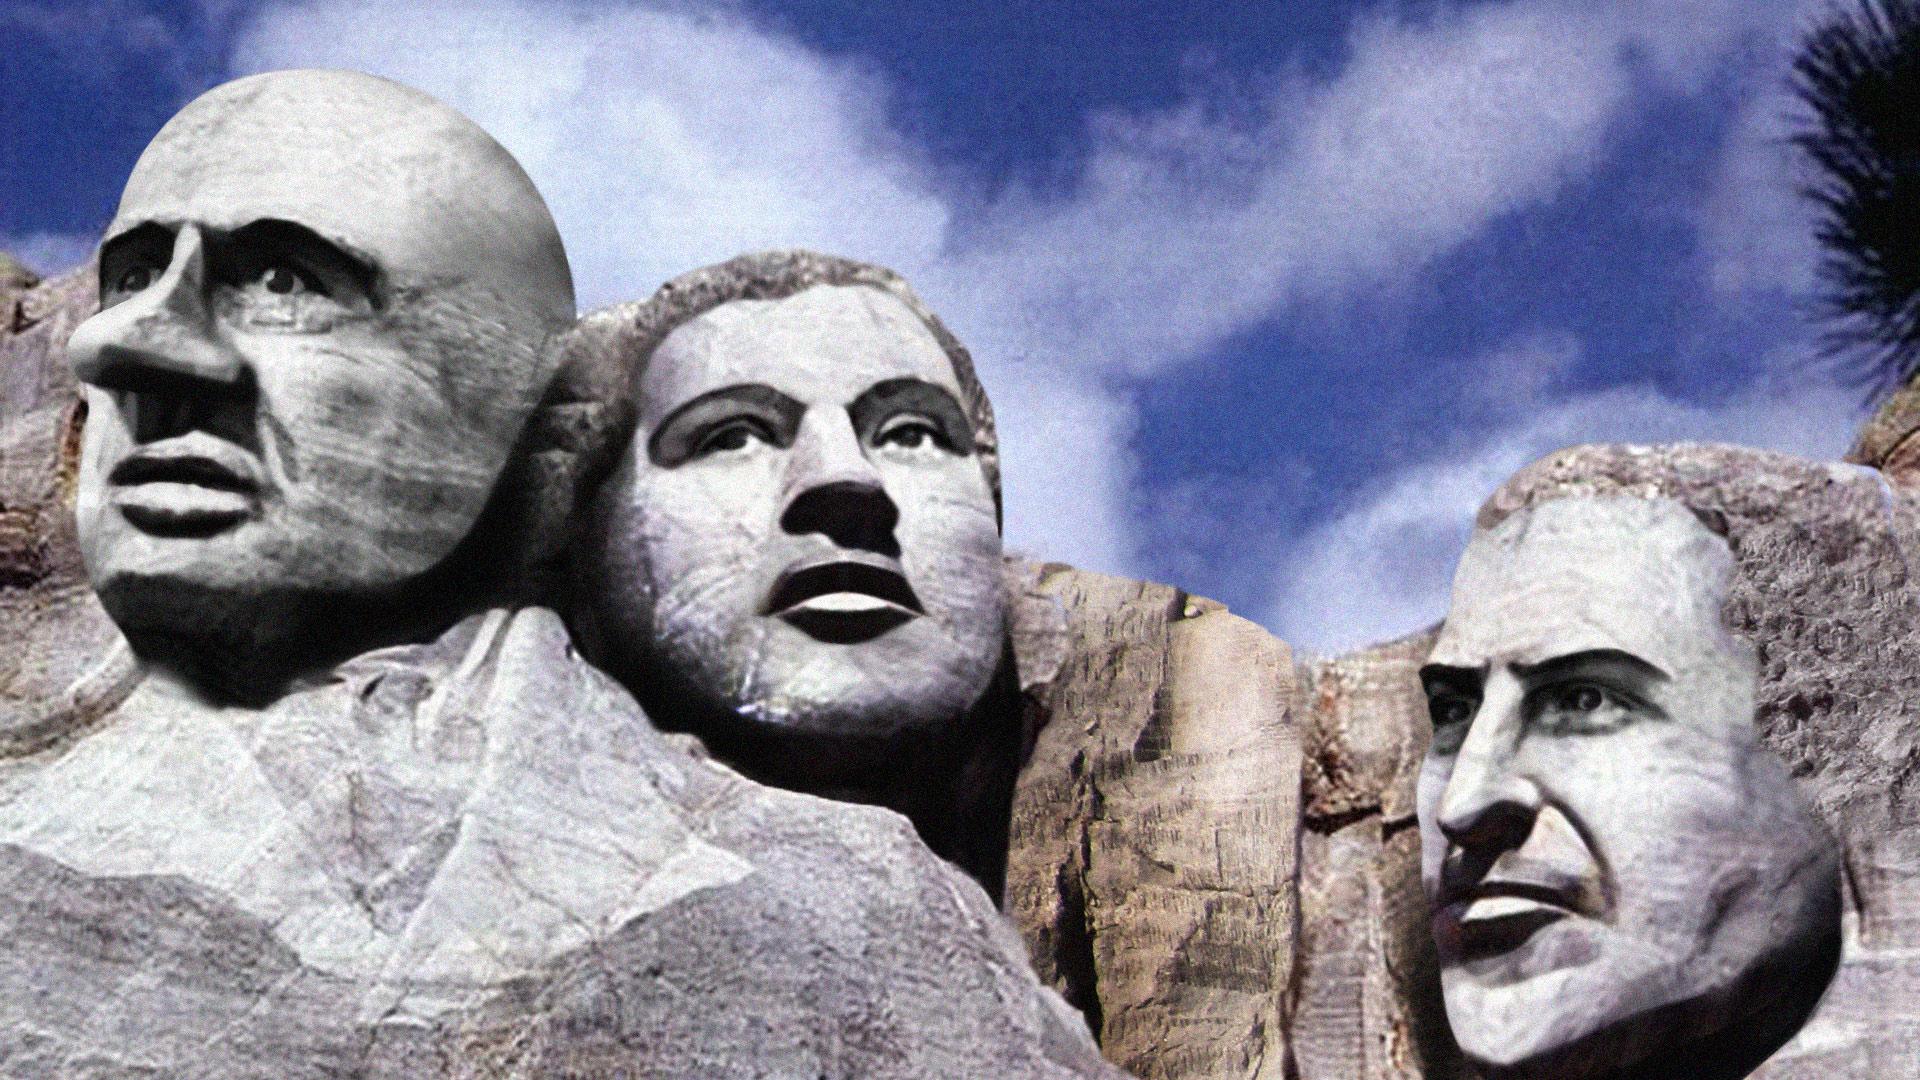 Góra Rushmore z podobiznami bohaterów wojny narkotykowej opisana przez Johanna Hariego w książce ''Chasing the Scream''. Od lewej widać twarze: Harry'ego Anslingera, Billie Holiday i Arnolda Rothsteina (fot. DonkeyHotey / Flickr.com / CC BY 2.0)